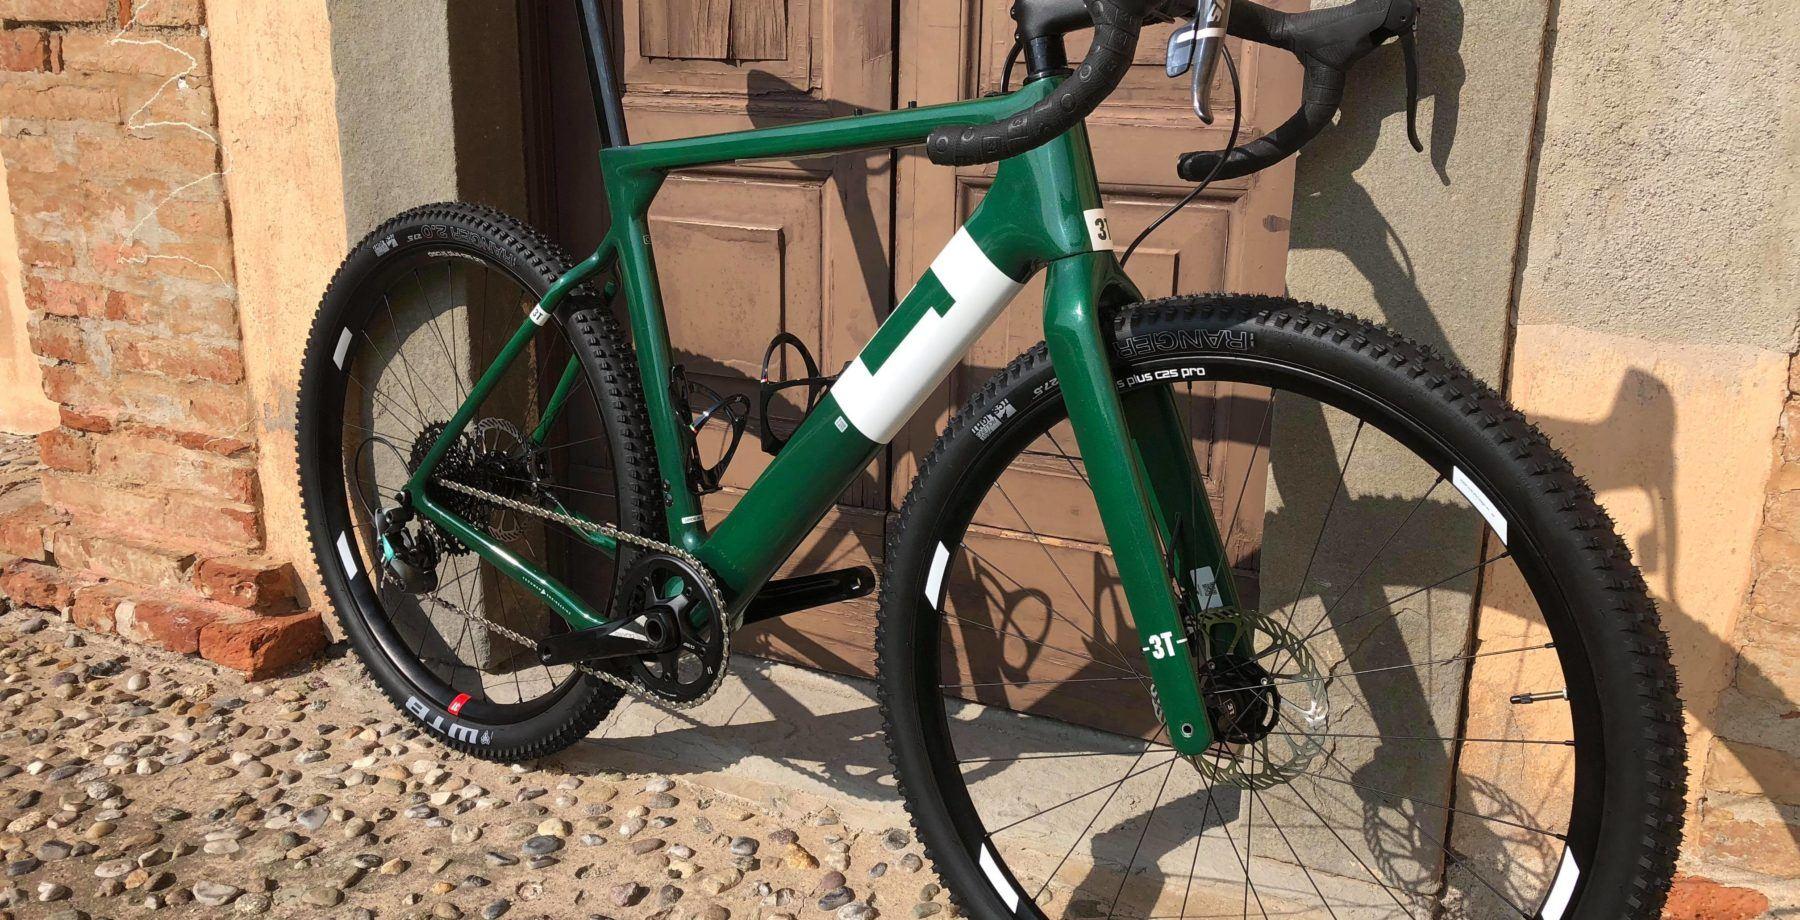 3T Exploro Green